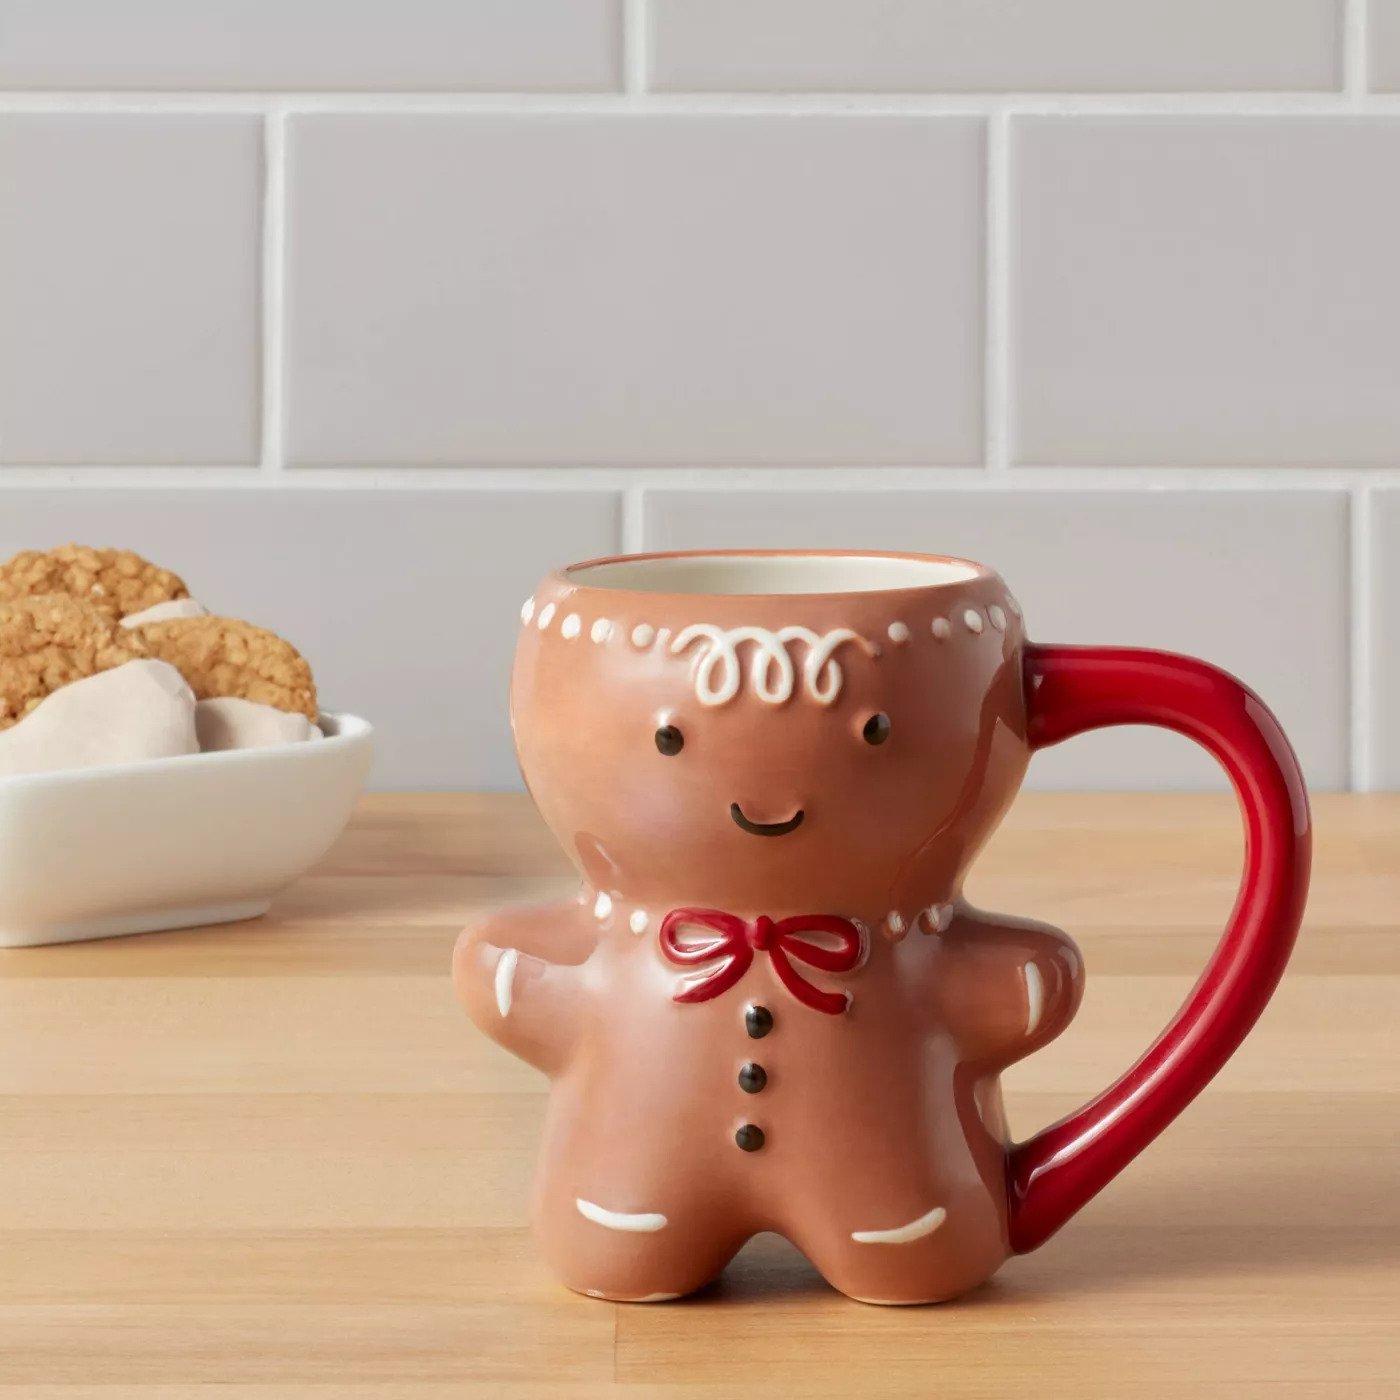 Gingerbread Man Coffee Mug for Christmas